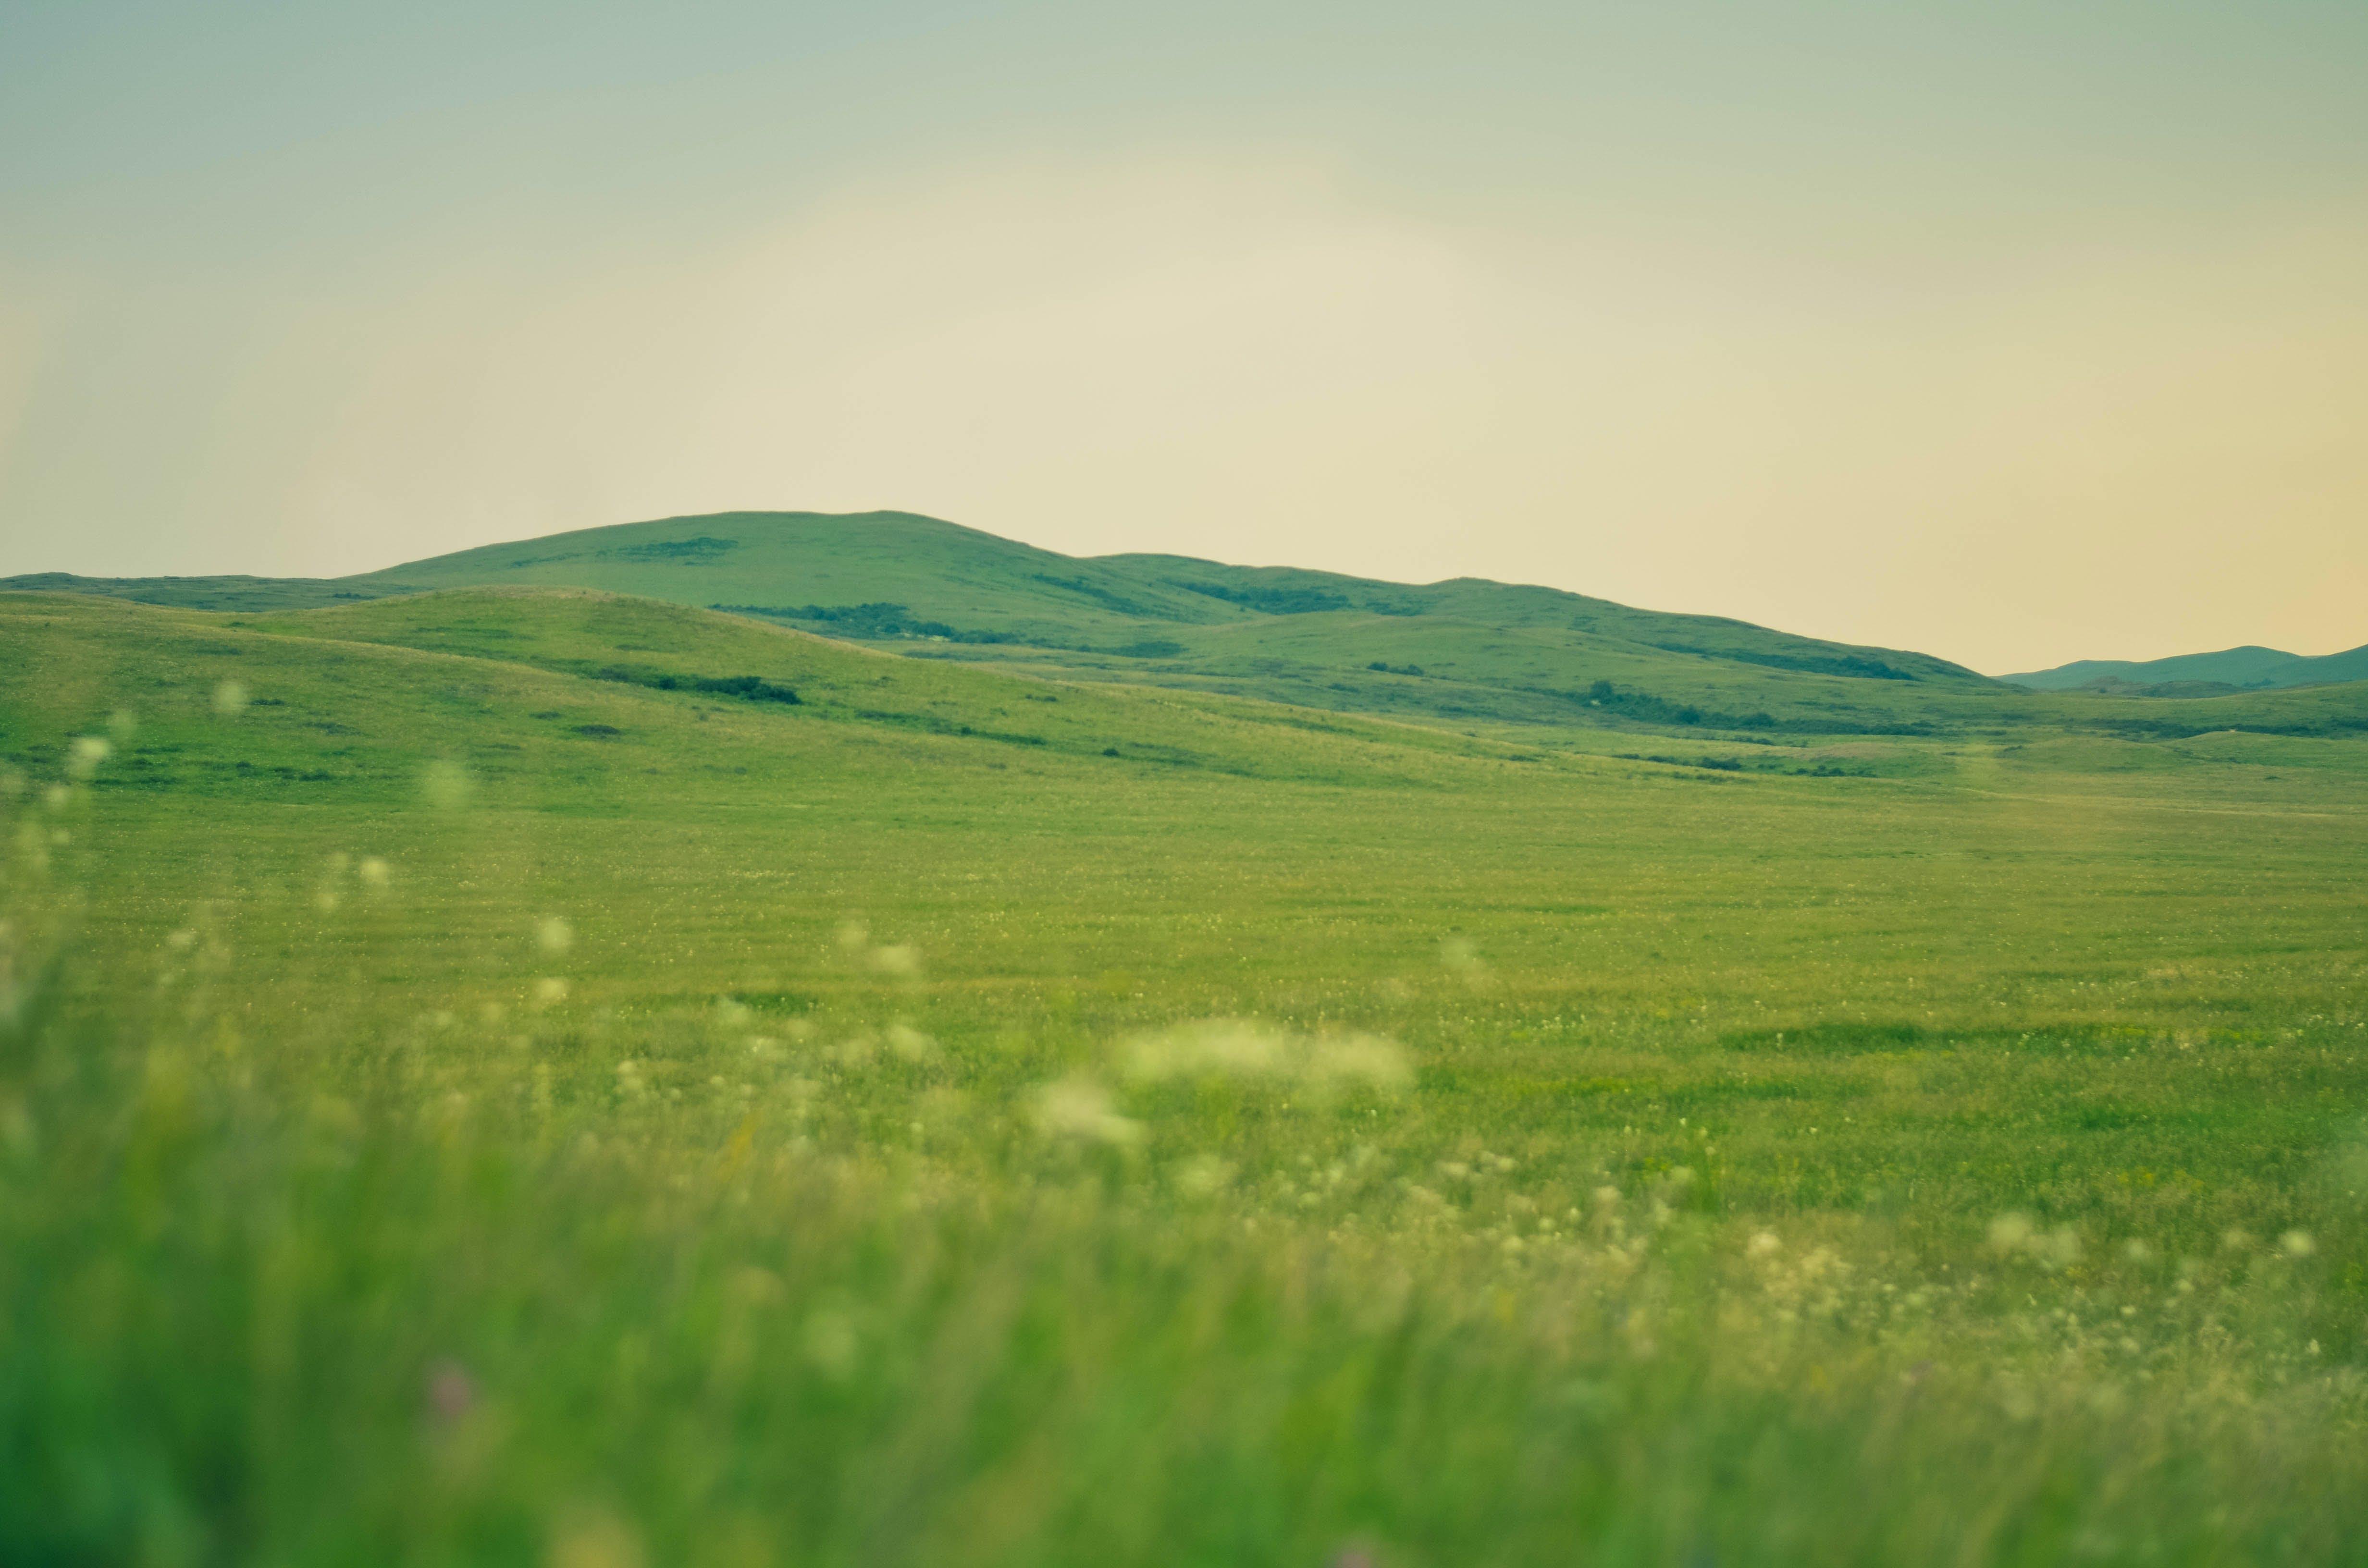 คลังภาพถ่ายฟรี ของ ธรรมชาติ, ภูมิทัศน์, ภูเขา, สีเขียว